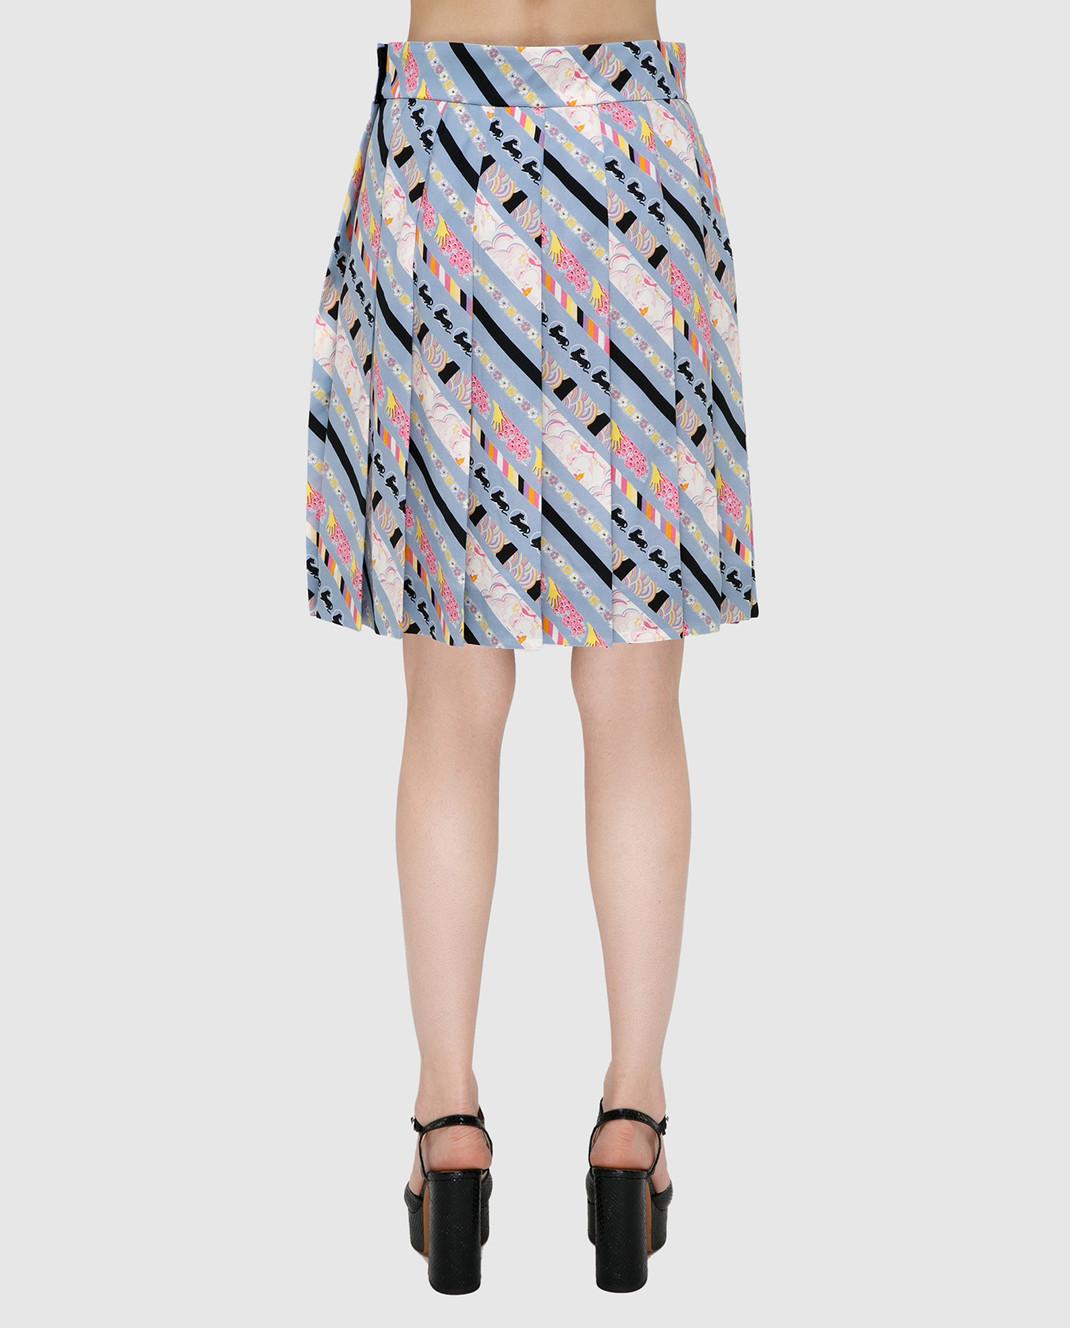 Marc Jacobs Голубая юбка из шелка W41781179 изображение 4